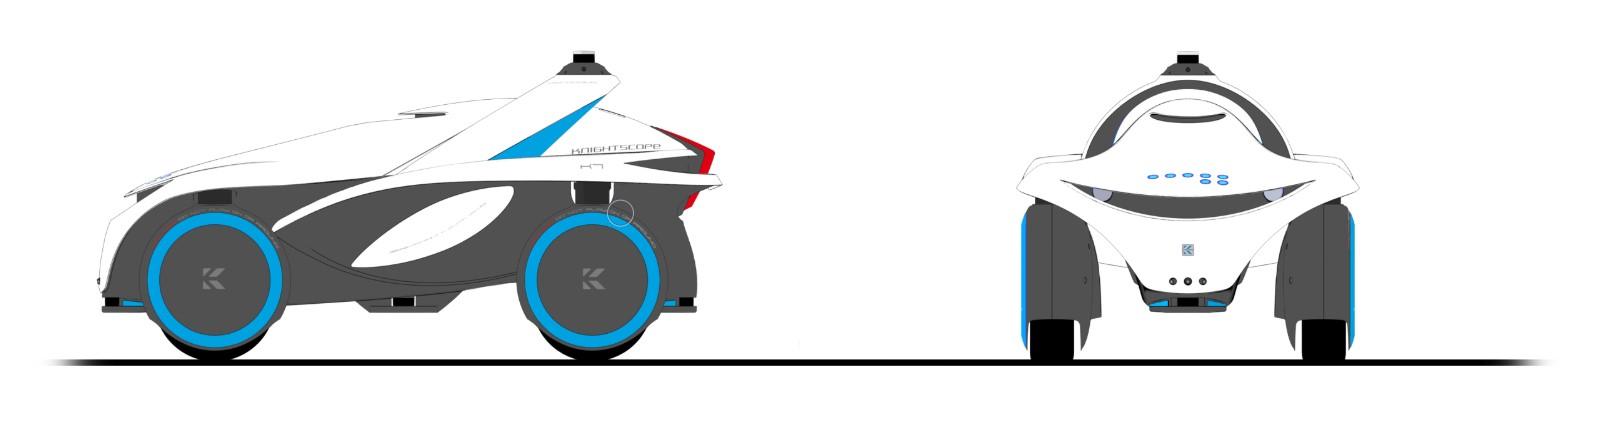 K7_robot.jpg